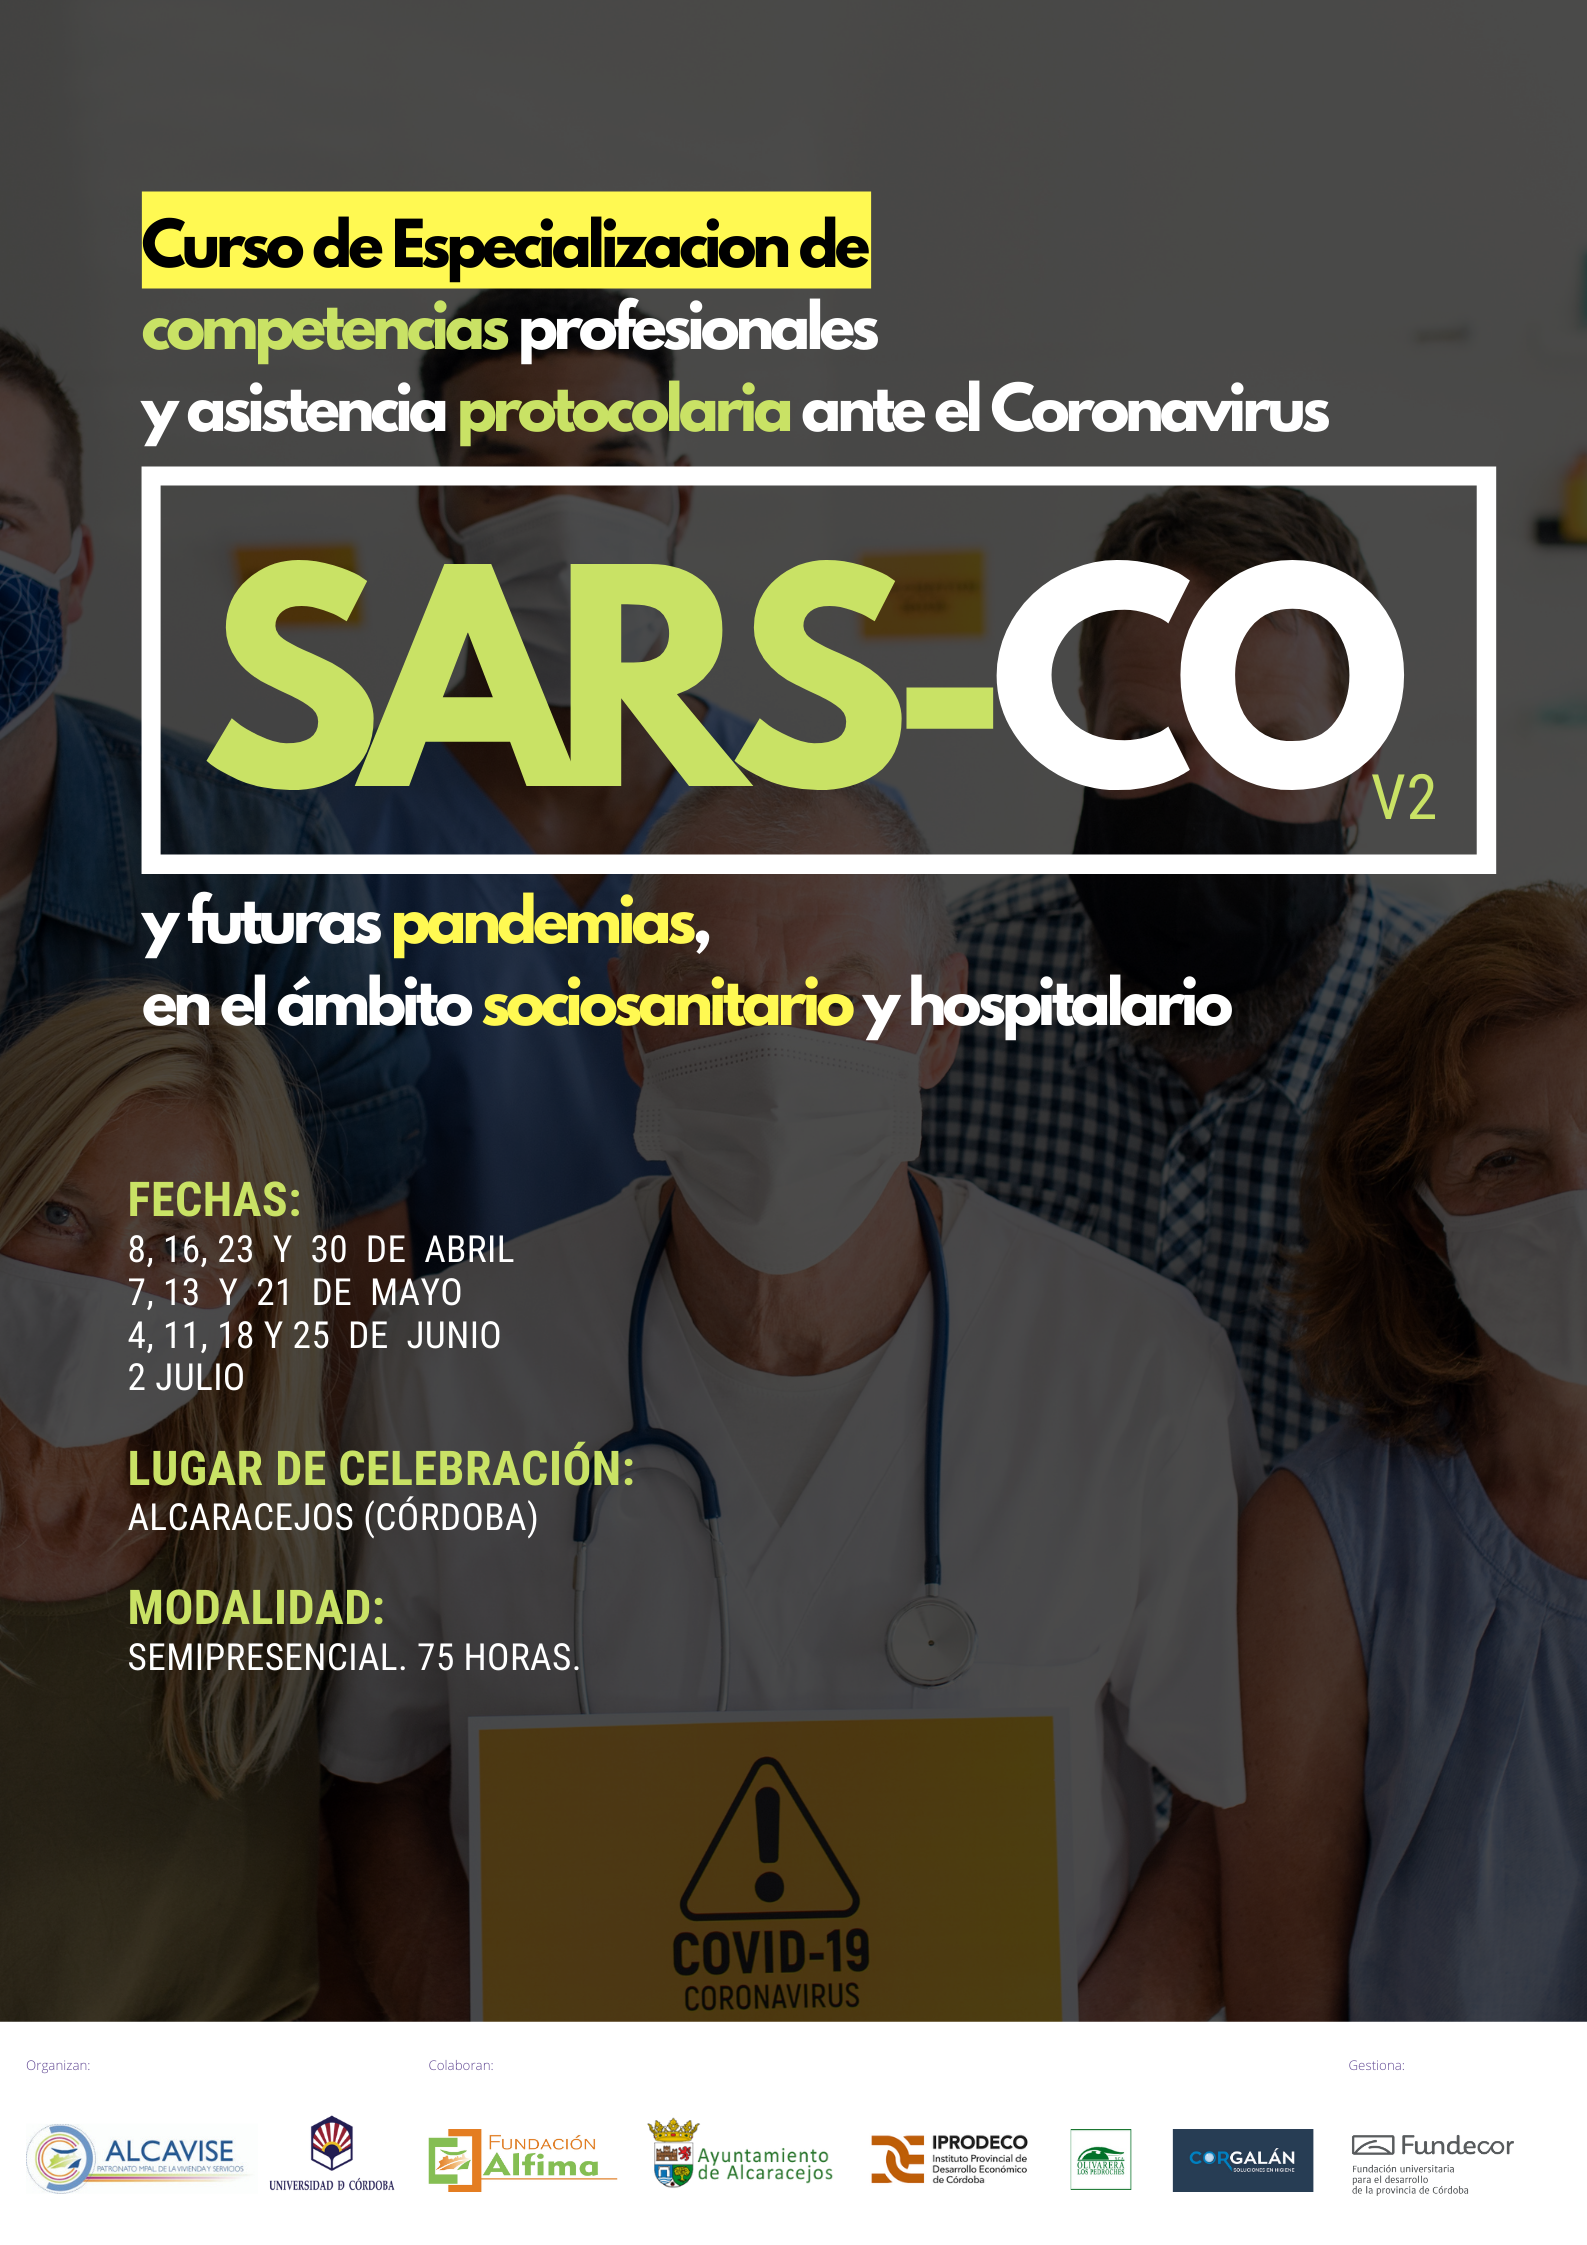 Especialización de competencias profesionales y asistencia protocolaria ante el coronavirus SARS-Co V-2 y futuras pandemias, en el ámbito sociosanitario y hospitalario